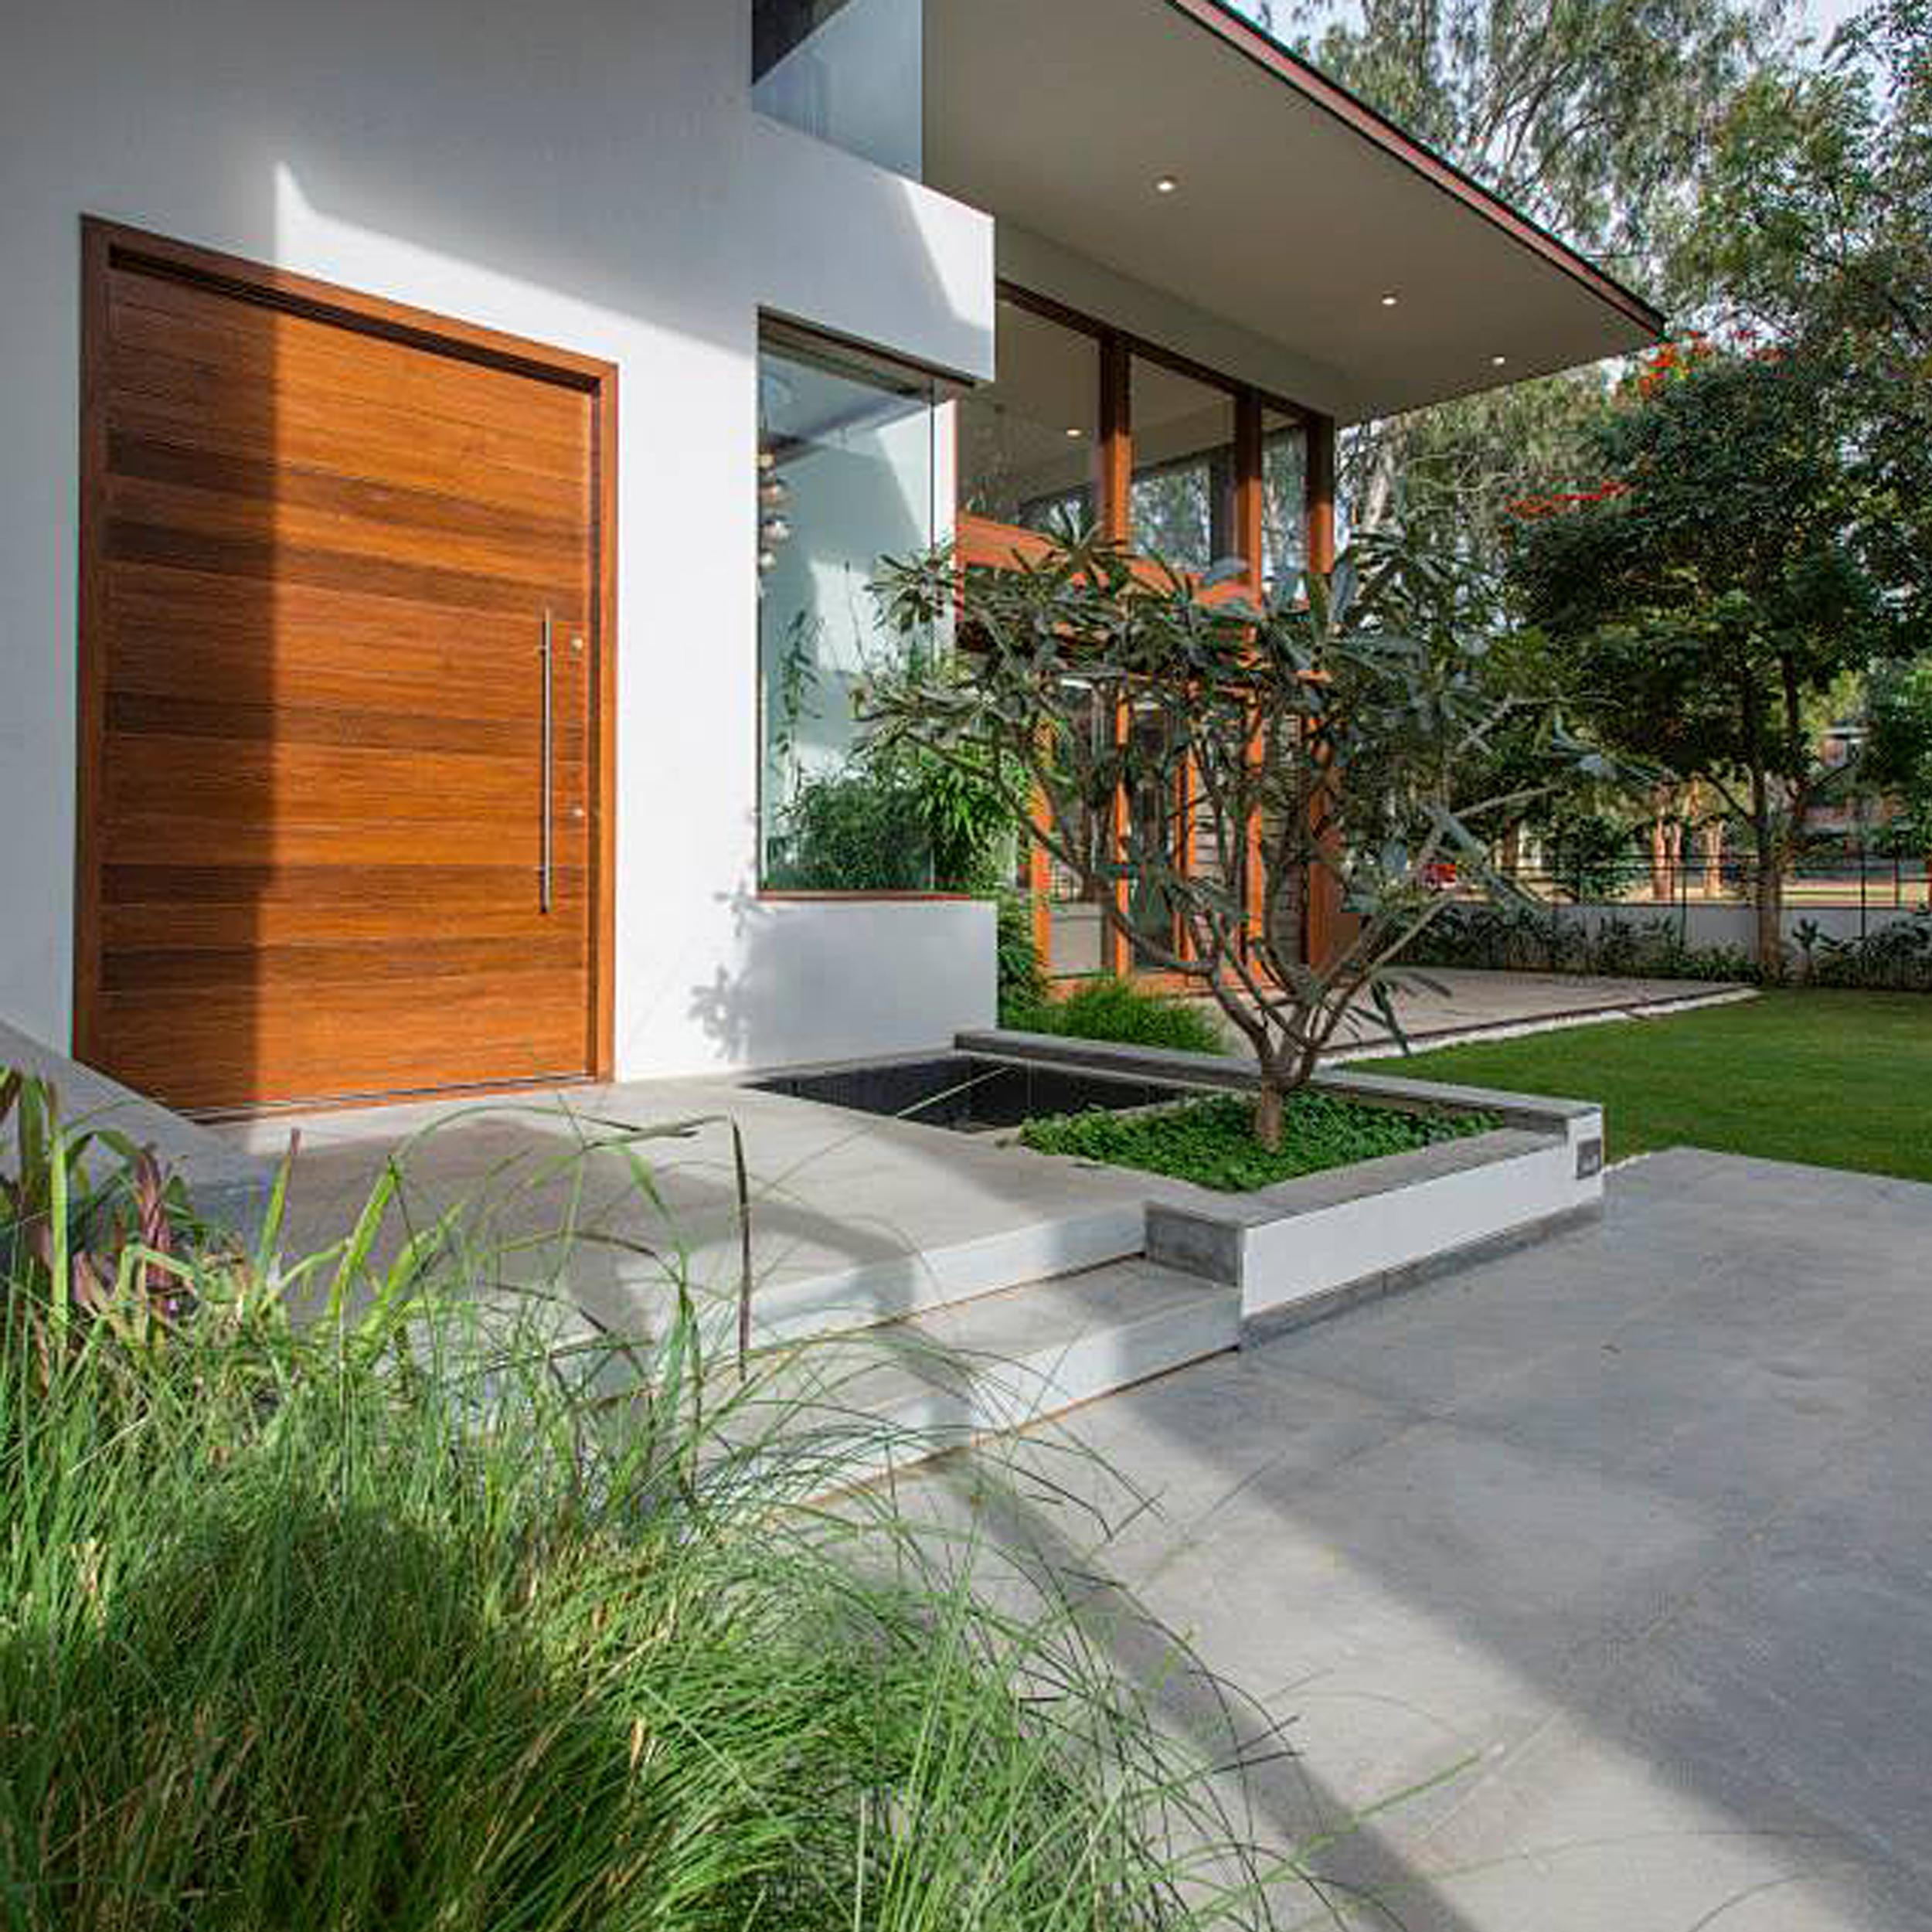 Landscape Design for residence-  image